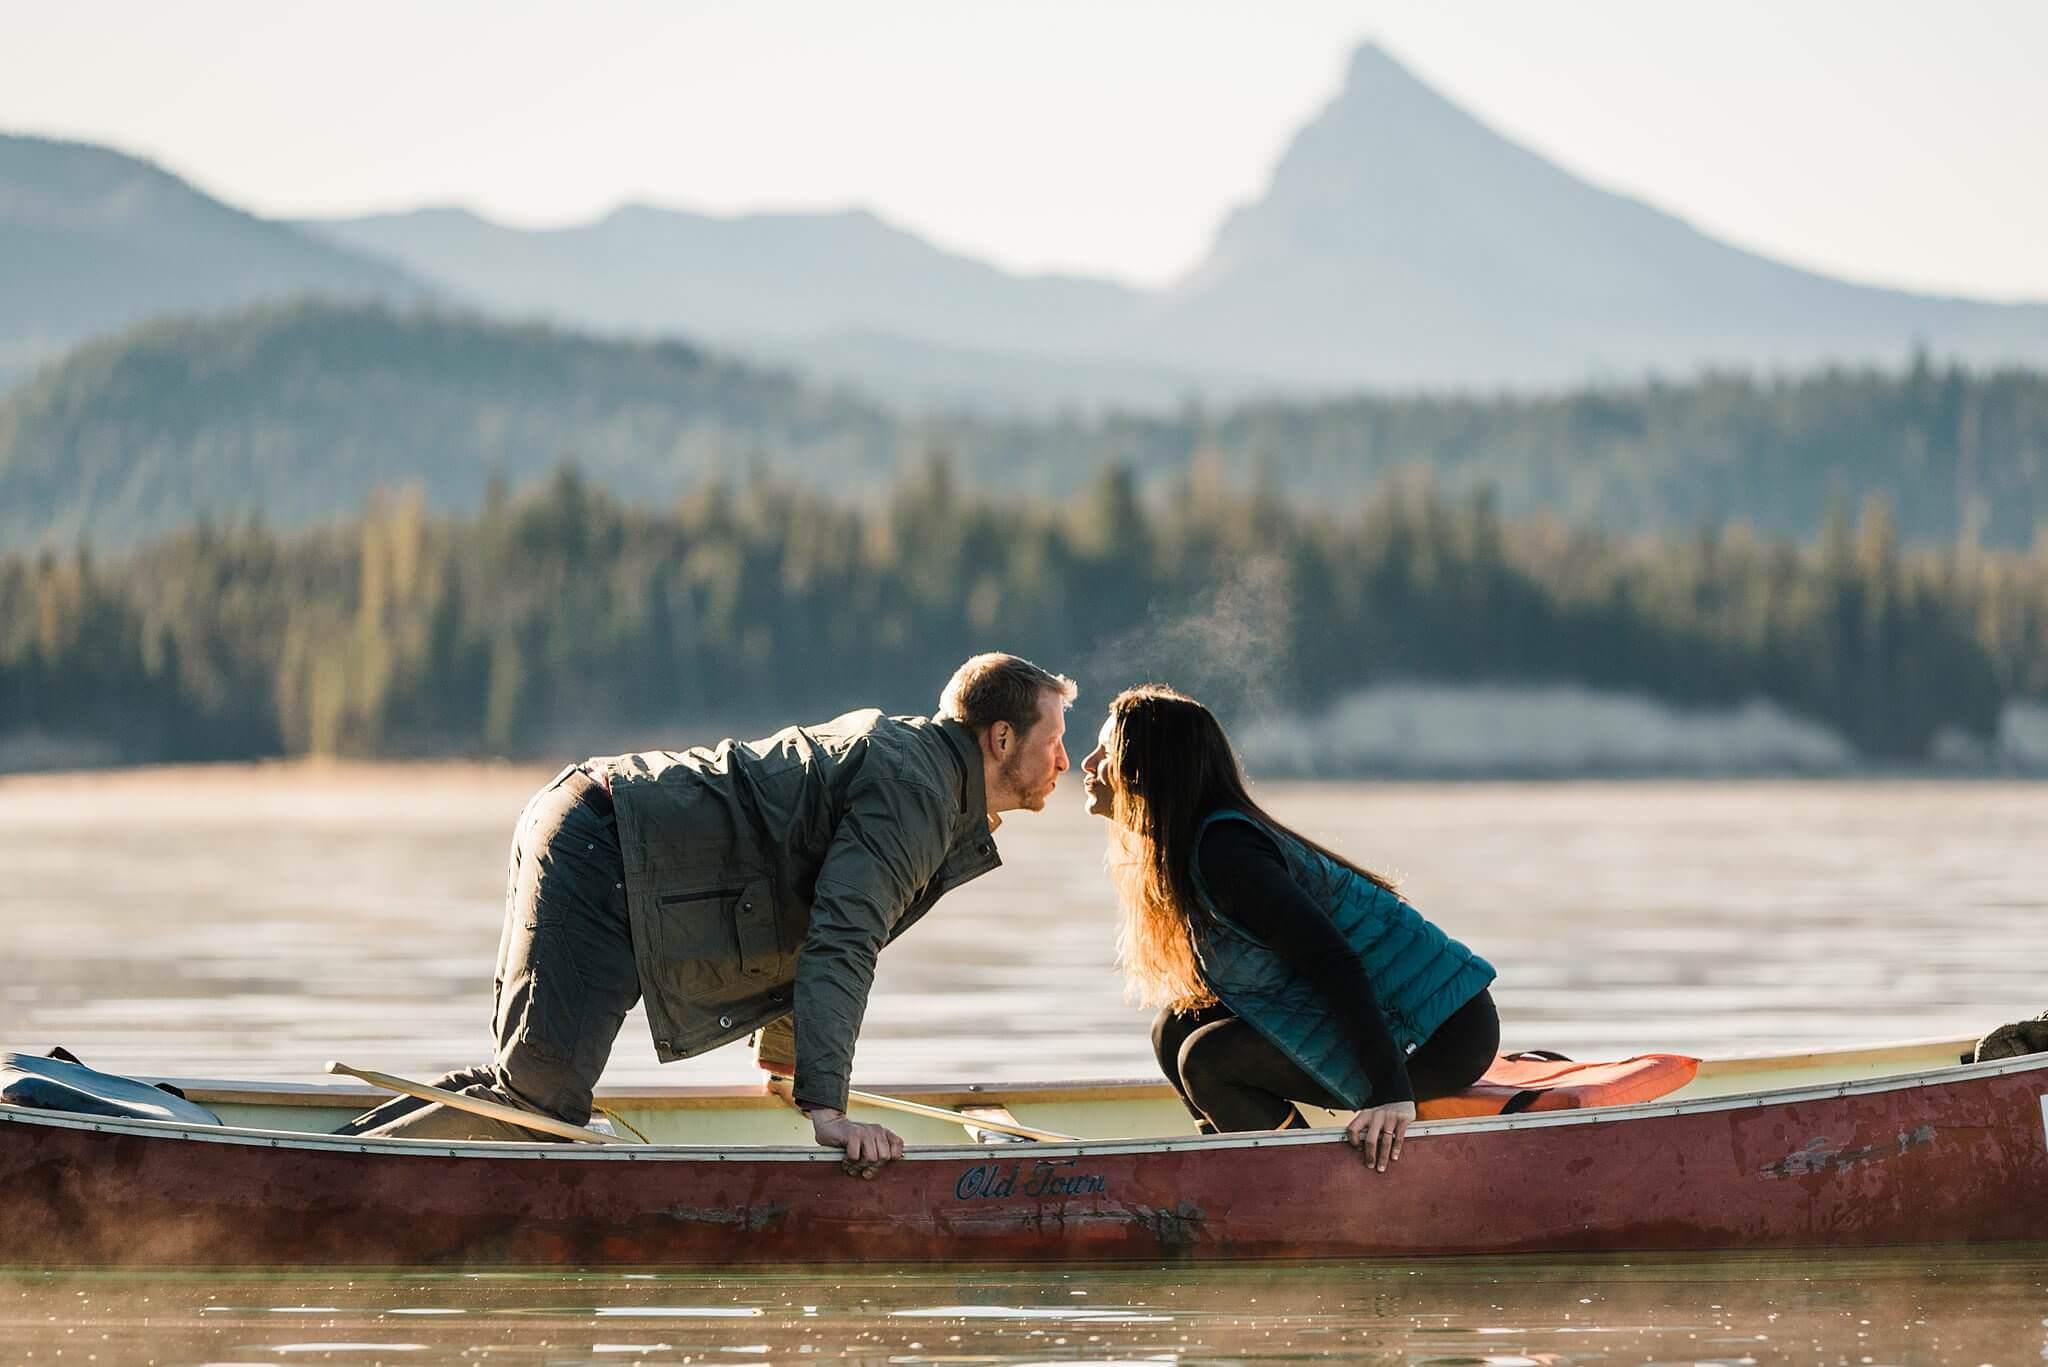 Canoe-Lake-Adventure-Engagement-Session-Oregon-Lemolo-S-Photography_0011.jpg